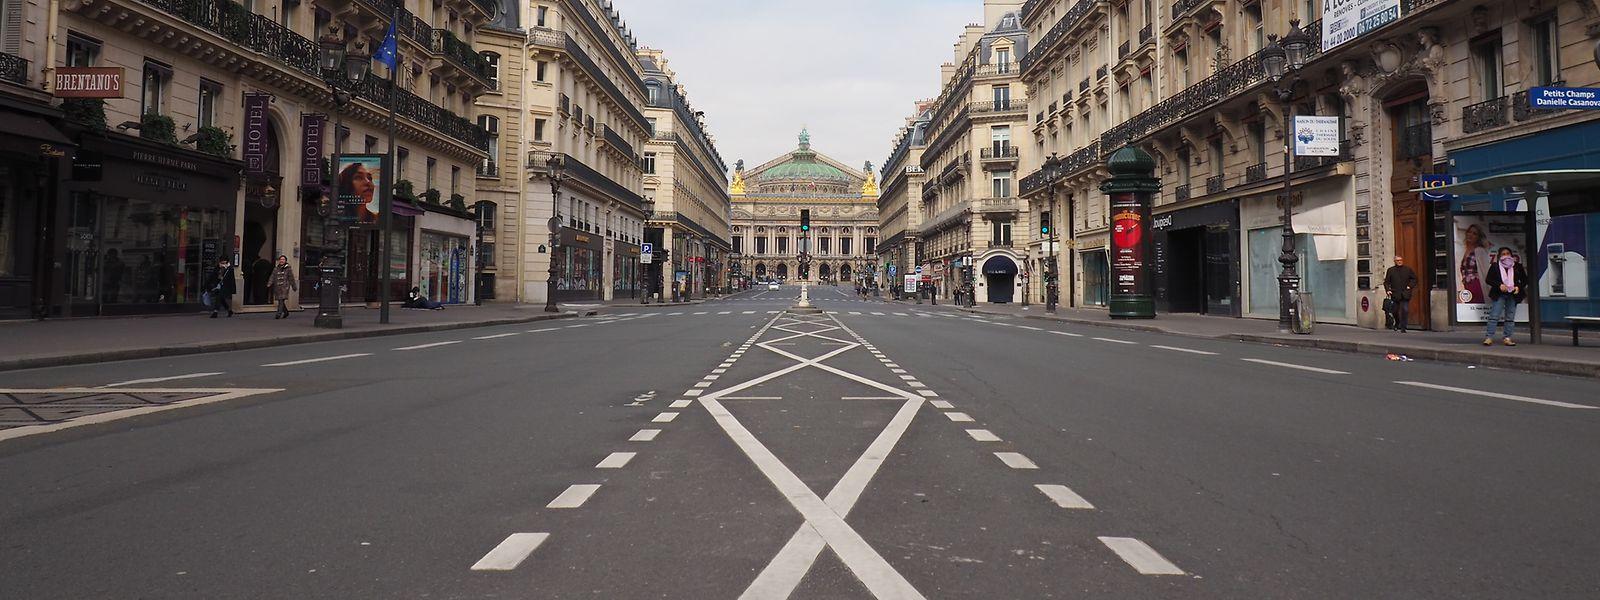 """Nahezu menschenleer ist die """"Avenue de l'Opéra"""". Auf Anweisung des Präsidenten gilt jetzt wegen der Coronakrise eine Ausgangssperre im ganzenLand.Einreisen werden stark eingeschränkt."""